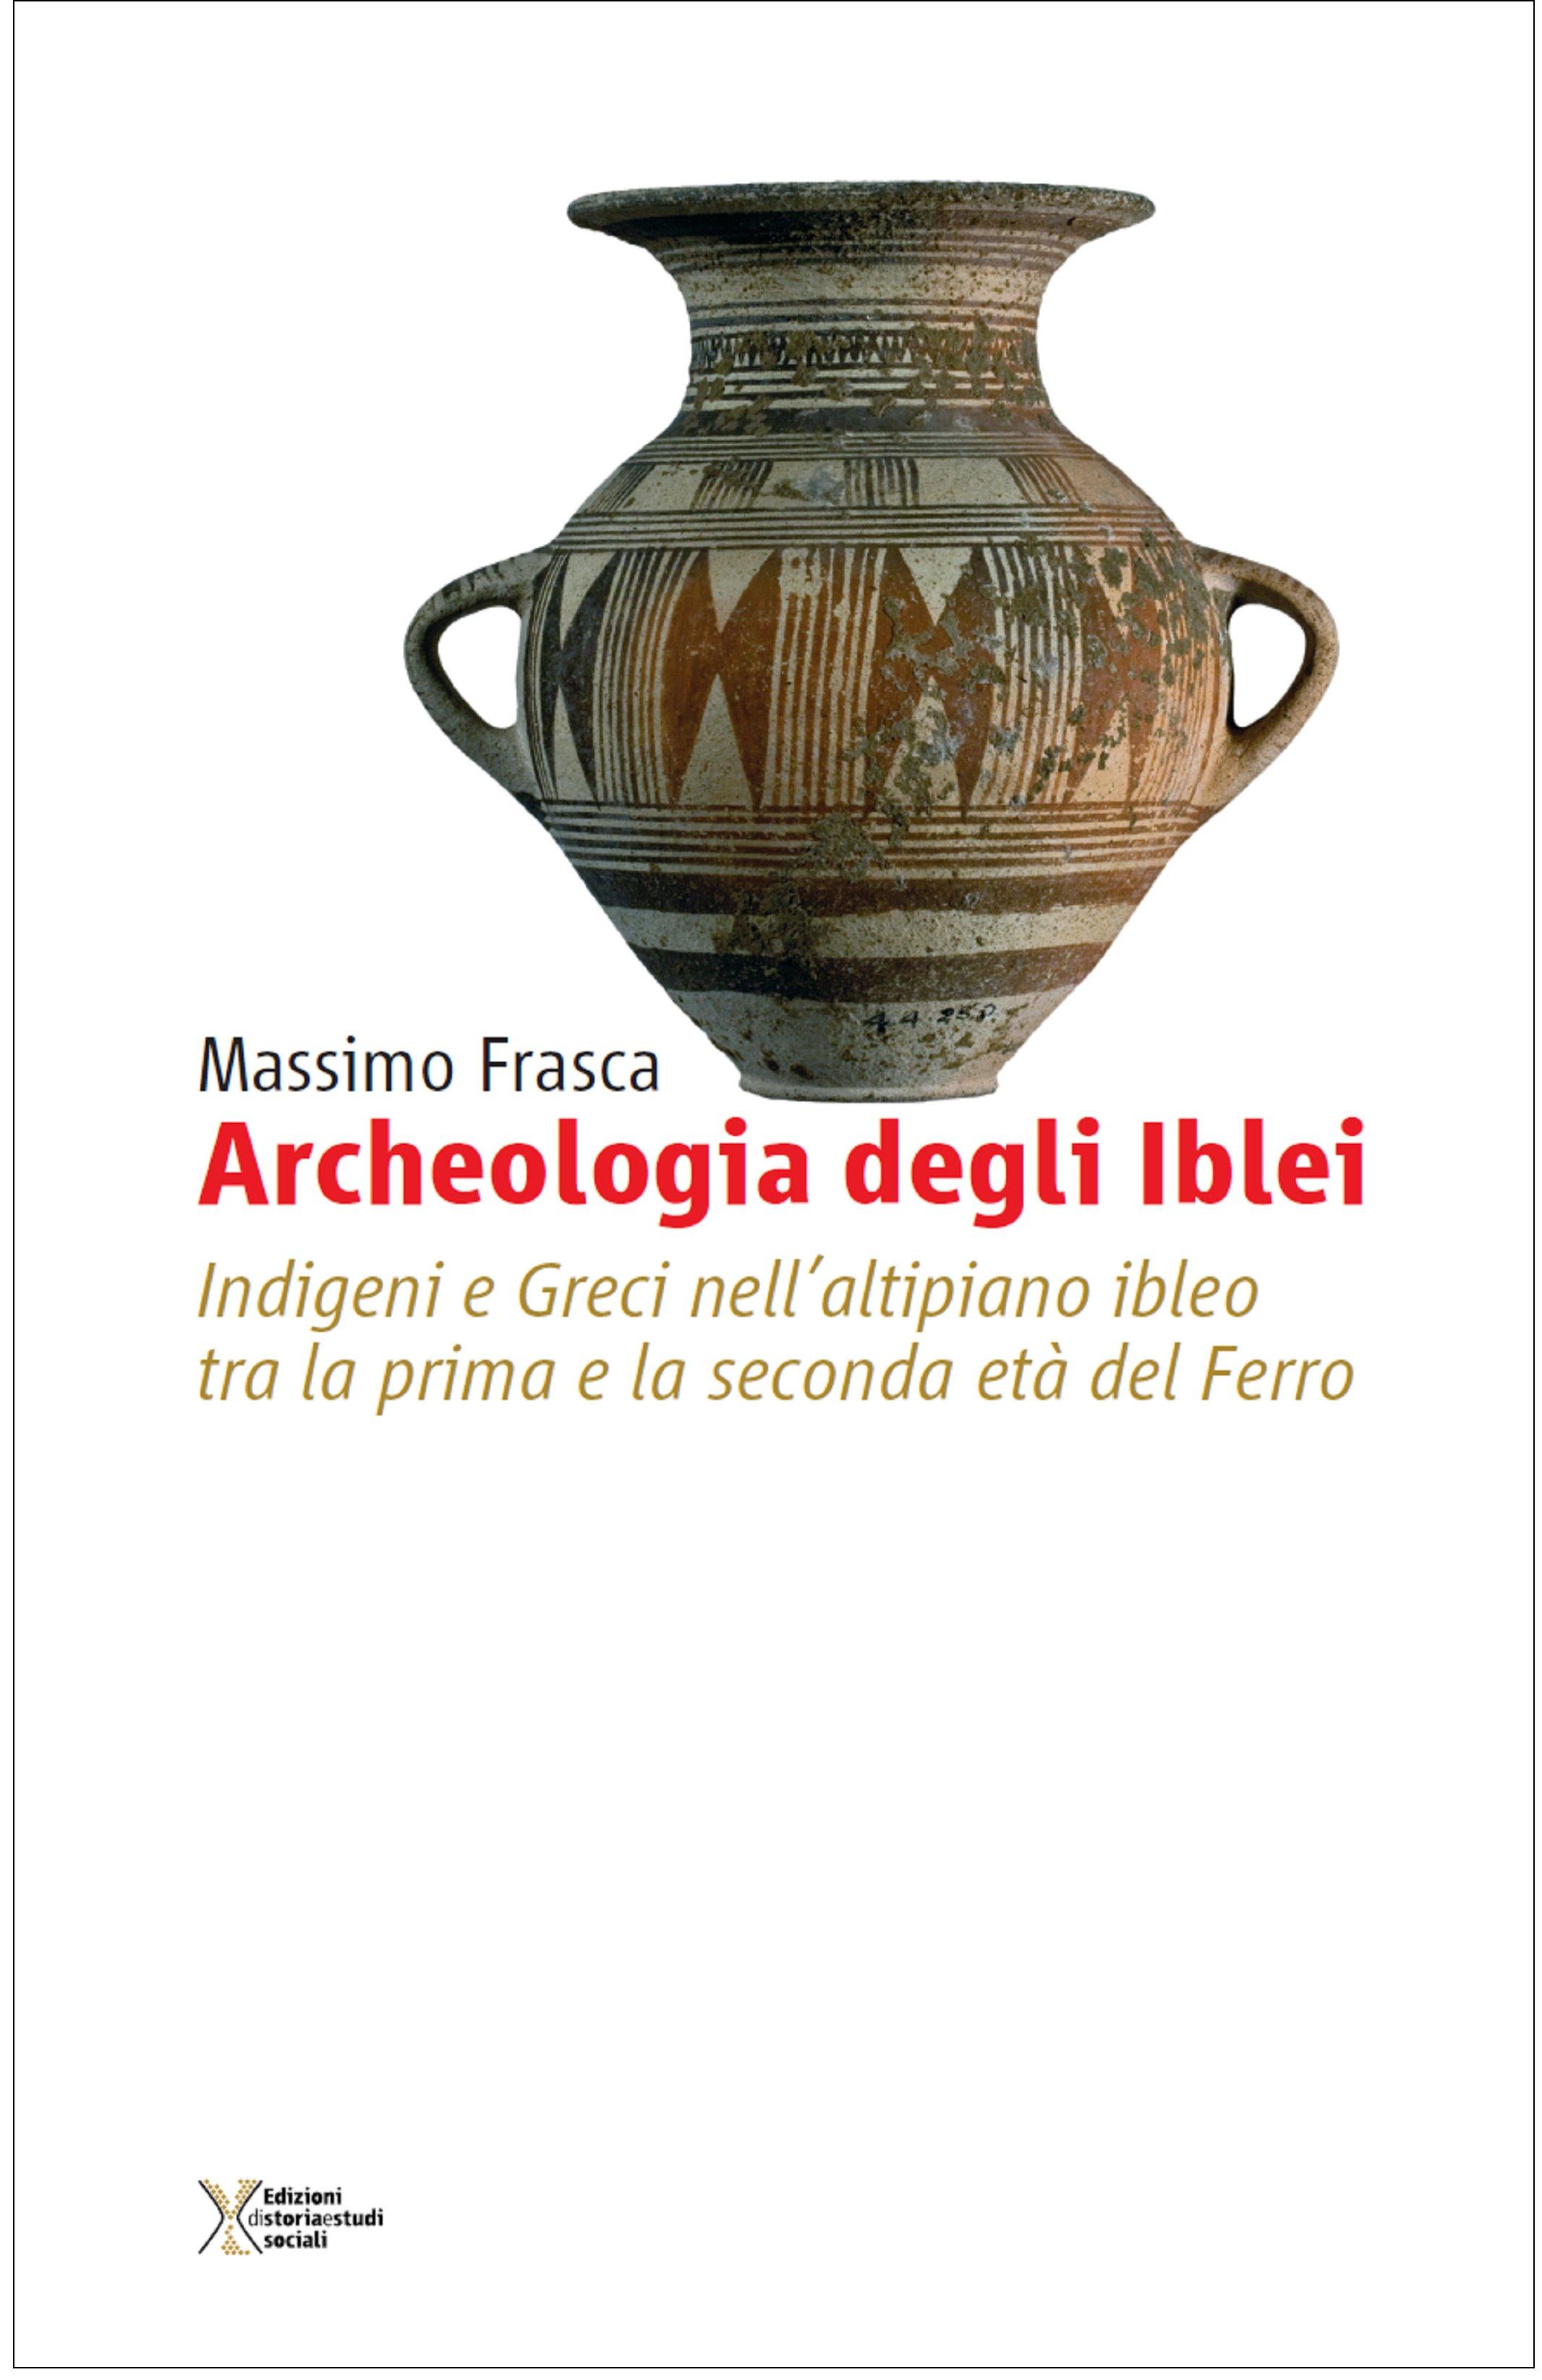 Presentazione del libro Archeologia degli Iblei di Massimo Frasca a Siracusa